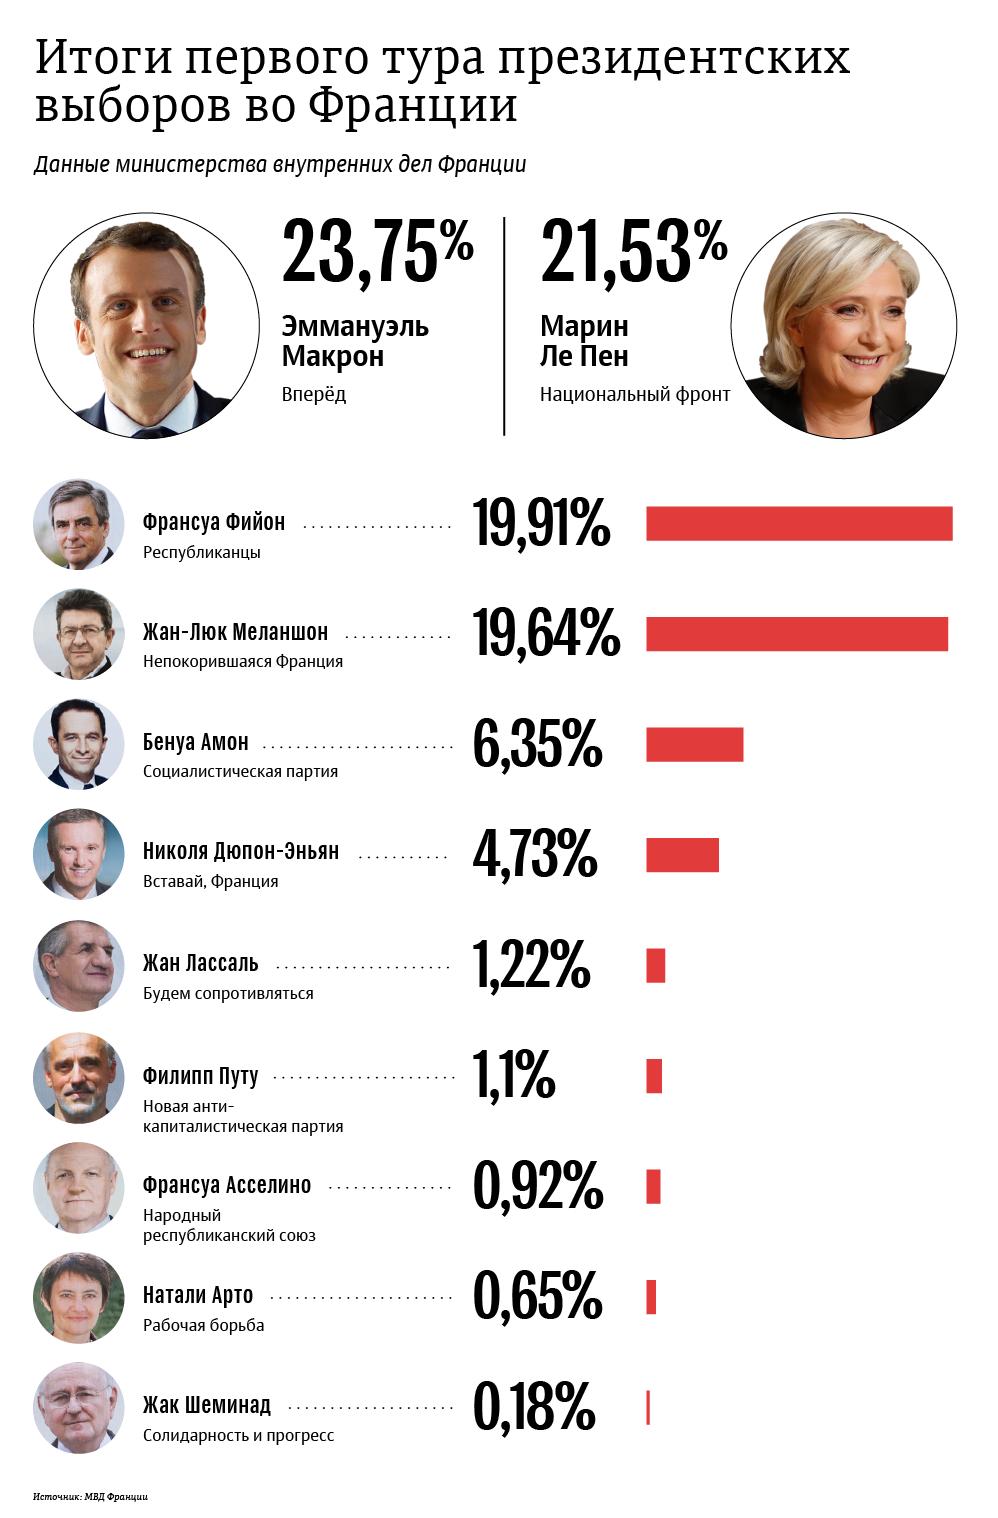 Итоги первого тура президентских выборов во Франции